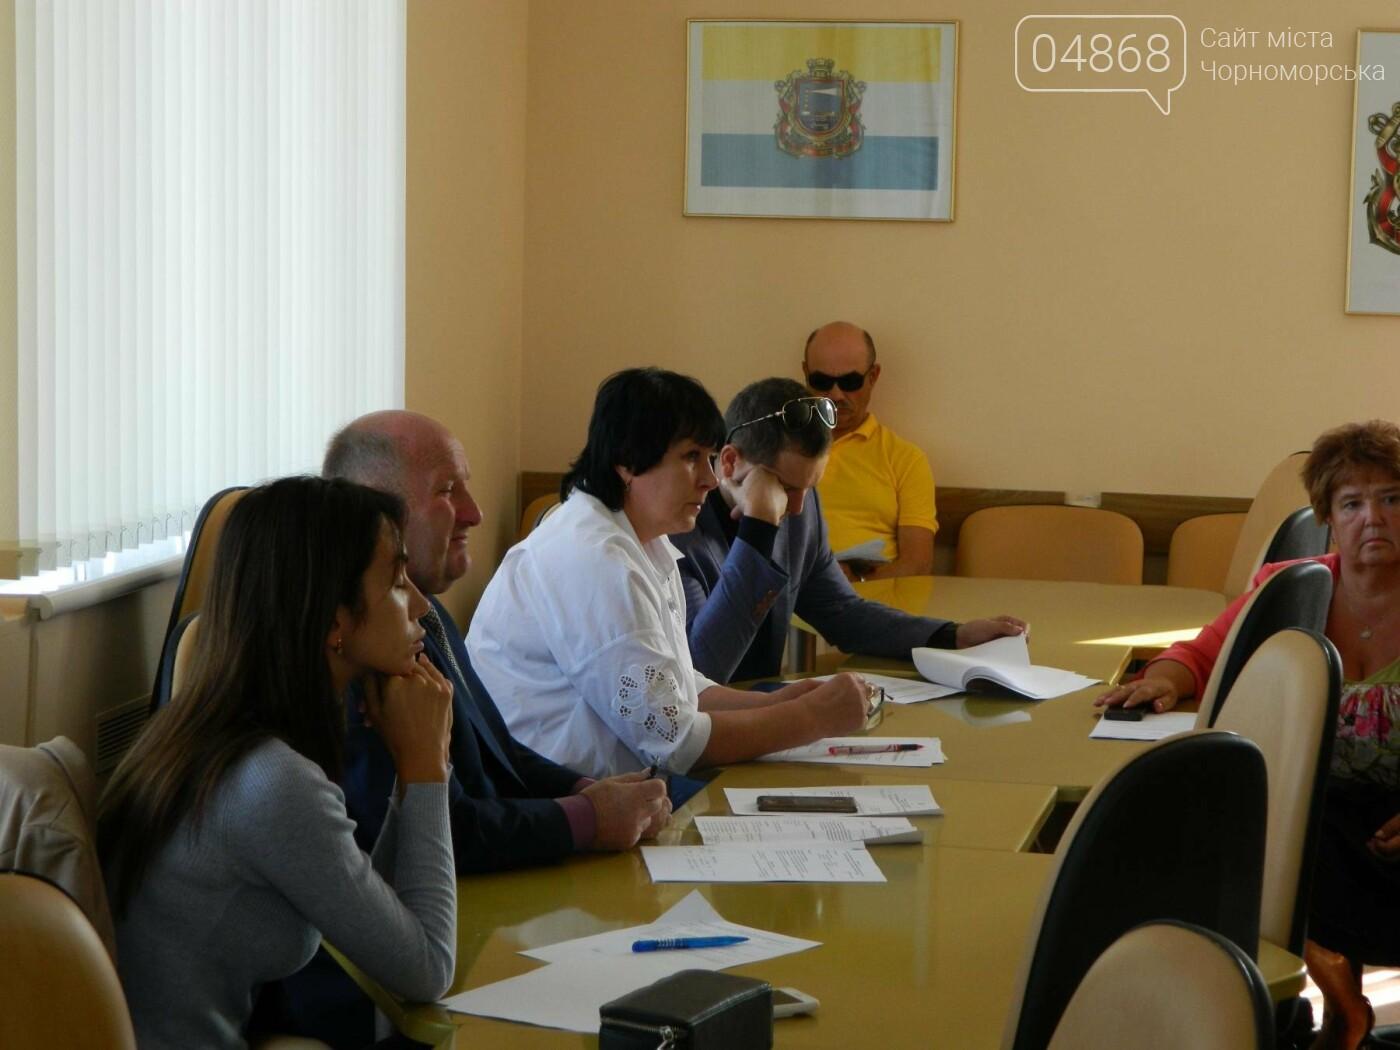 Санитарное состояние заведений Черноморска оставляет желать лучшего, фото-2